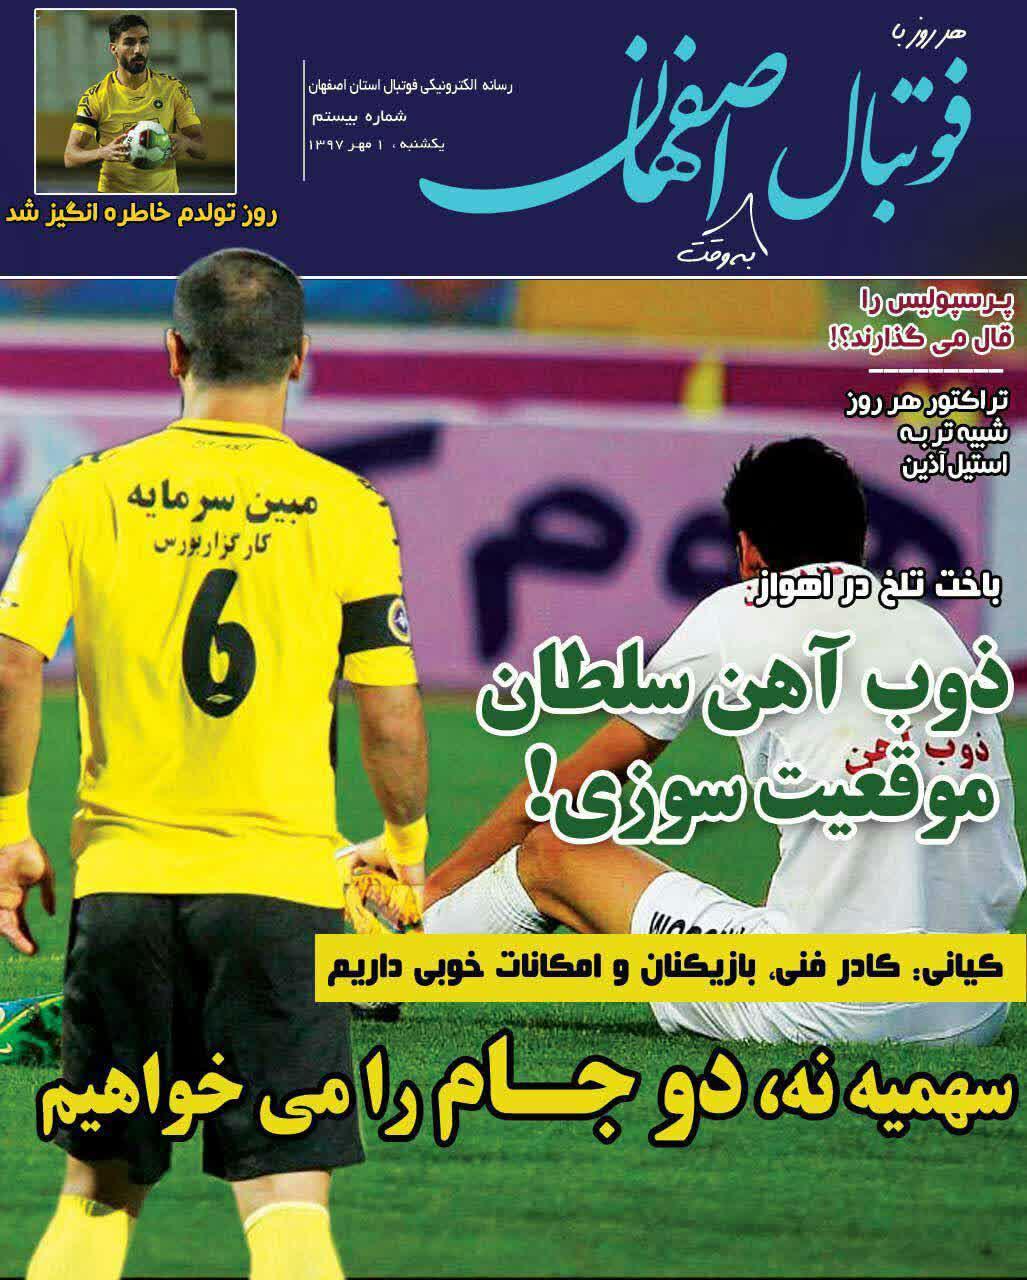 عناوین روزنامههای ورزشی ۱ مهر ۹۷/ برداشتن تاج از سر کارلوس؟! +تصاویر